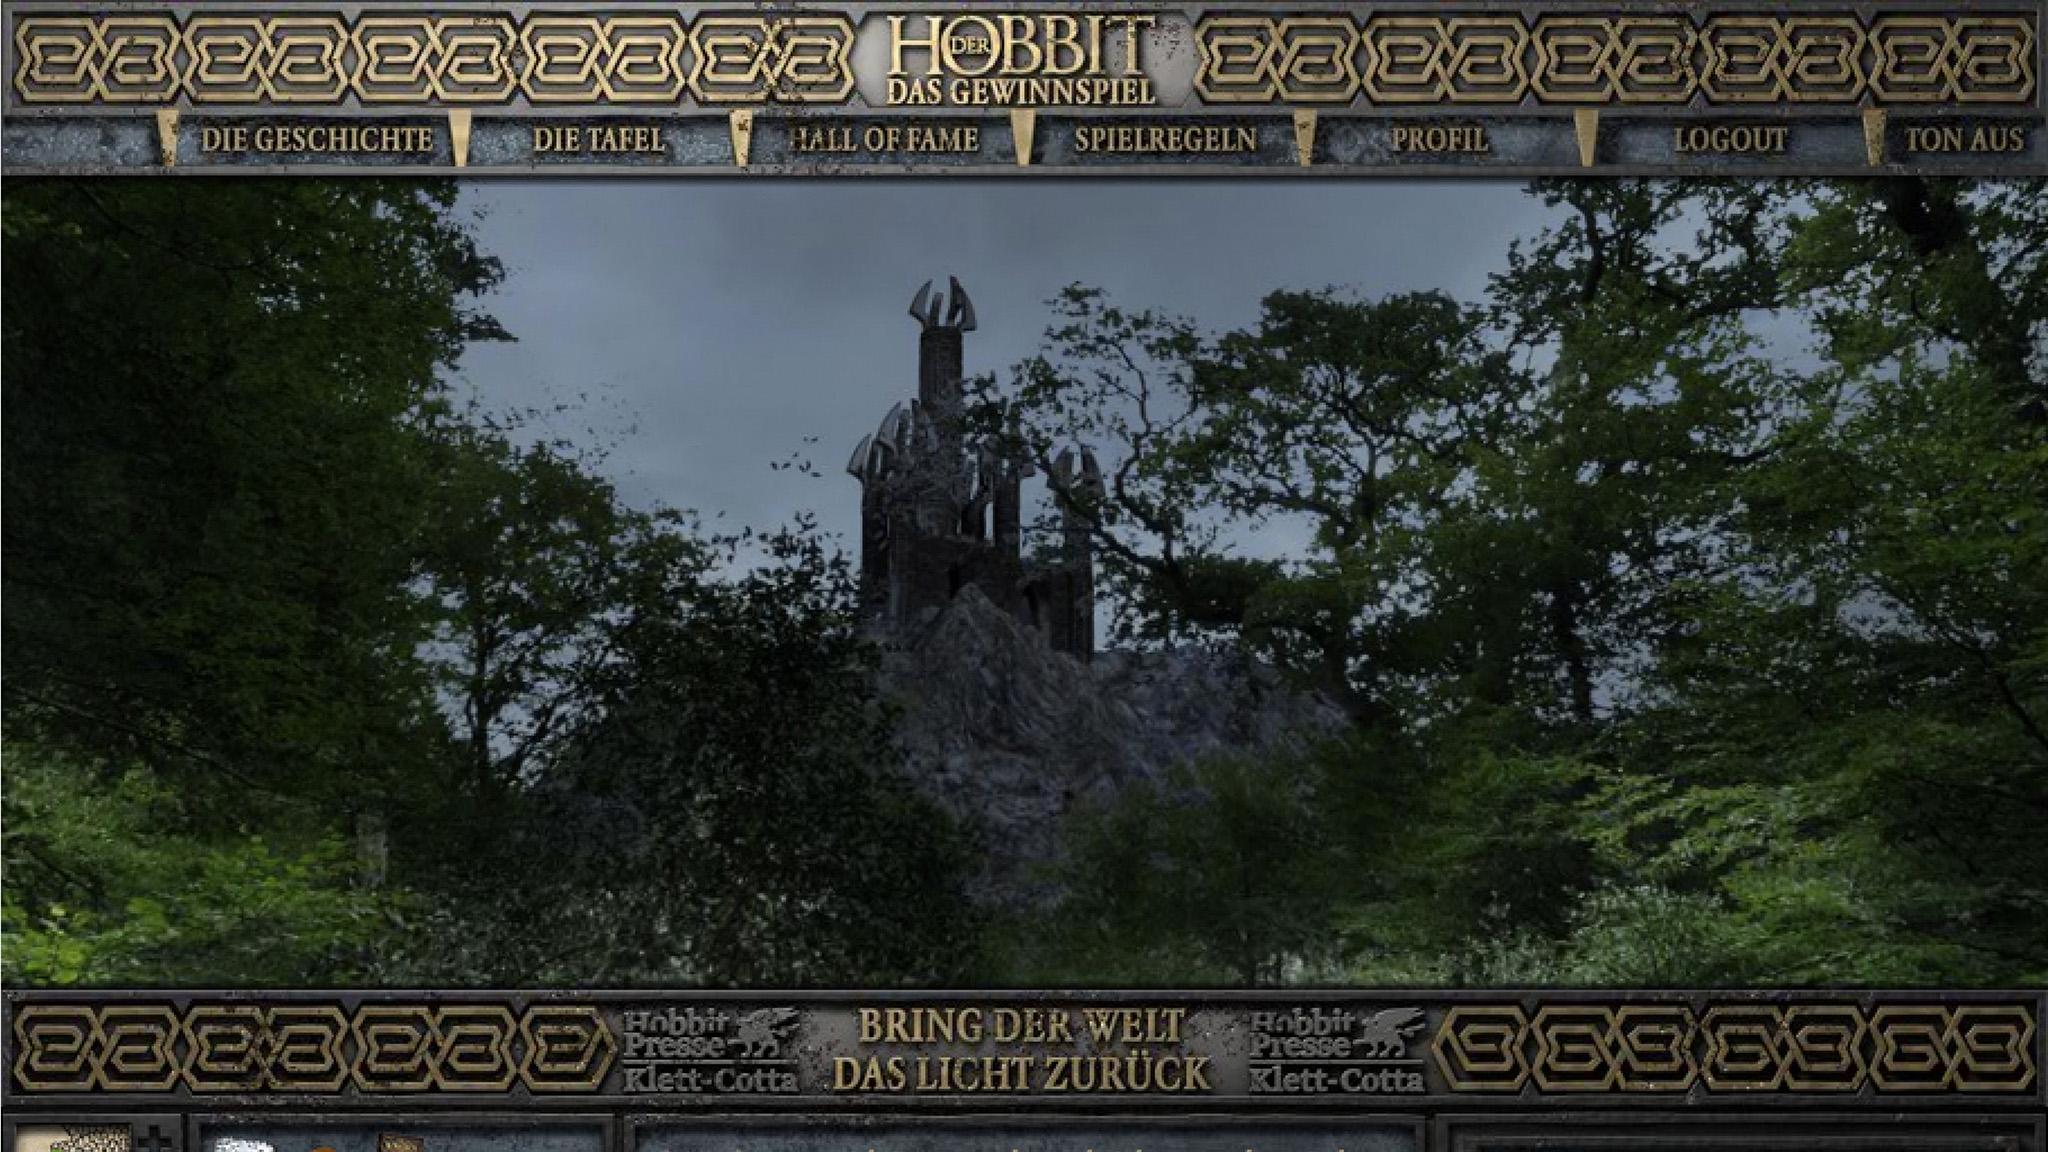 Der Hobbit 2048x1152px5